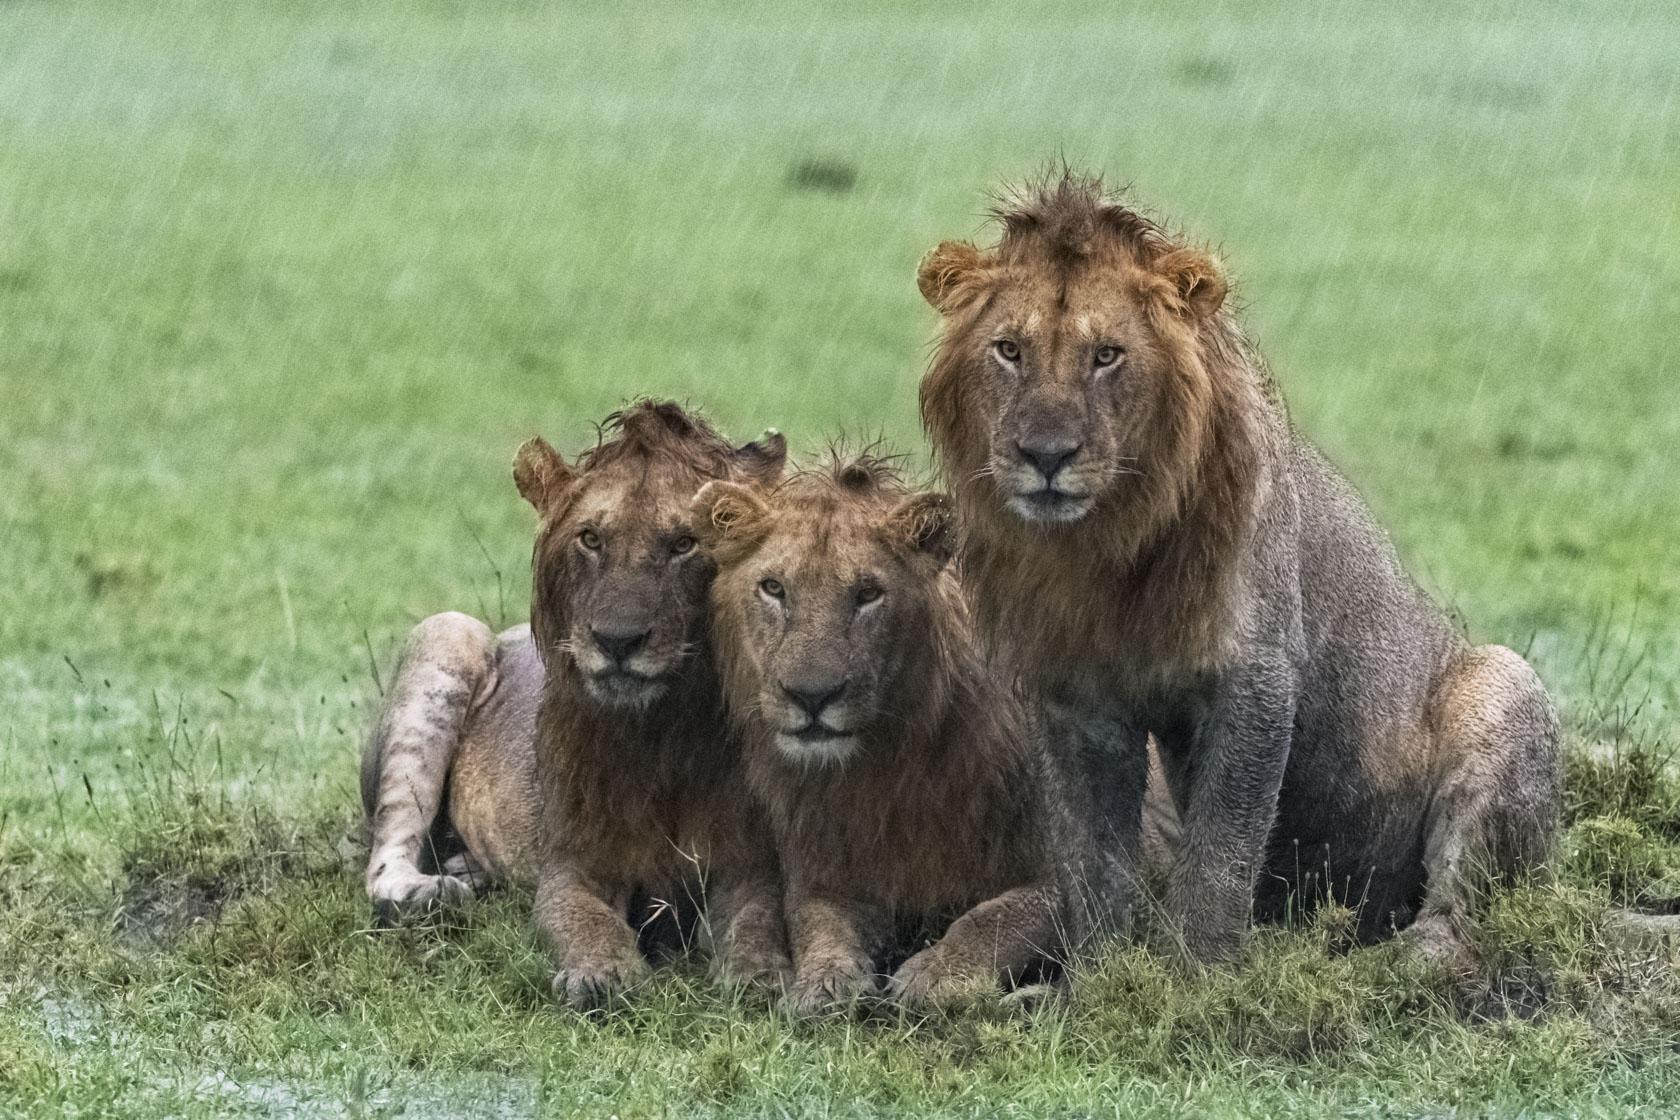 Ein dritter pudelnasser Löwe gesellt sich zu den beiden anderen. Ihre argwöhnischen Blicke lassen vermuten, dass sie uns Fotografen immer noch für Fressrivalen halten